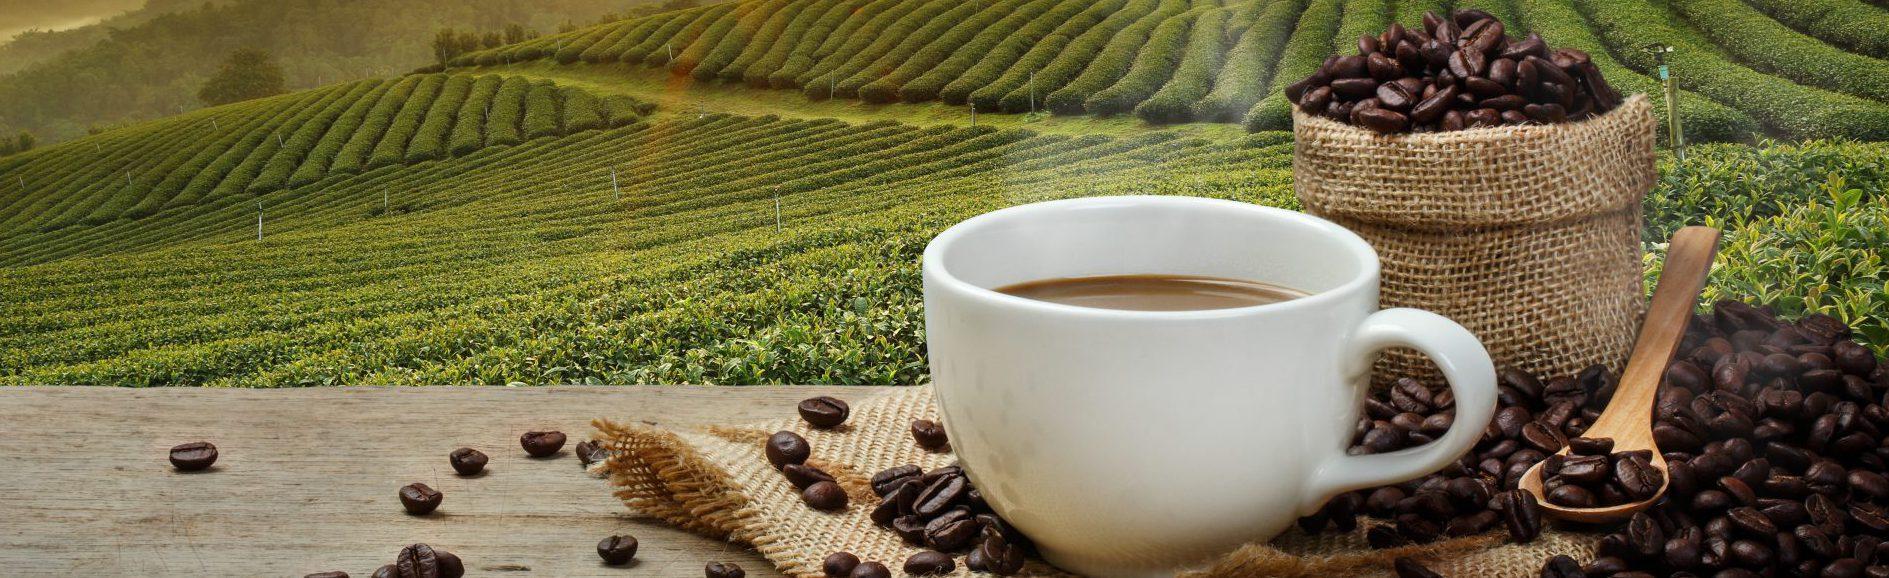 Sector branding geeft een kop koffie en koffiebonen een onderscheidend imago en uitstraling tegen de achtergrond van de plantage